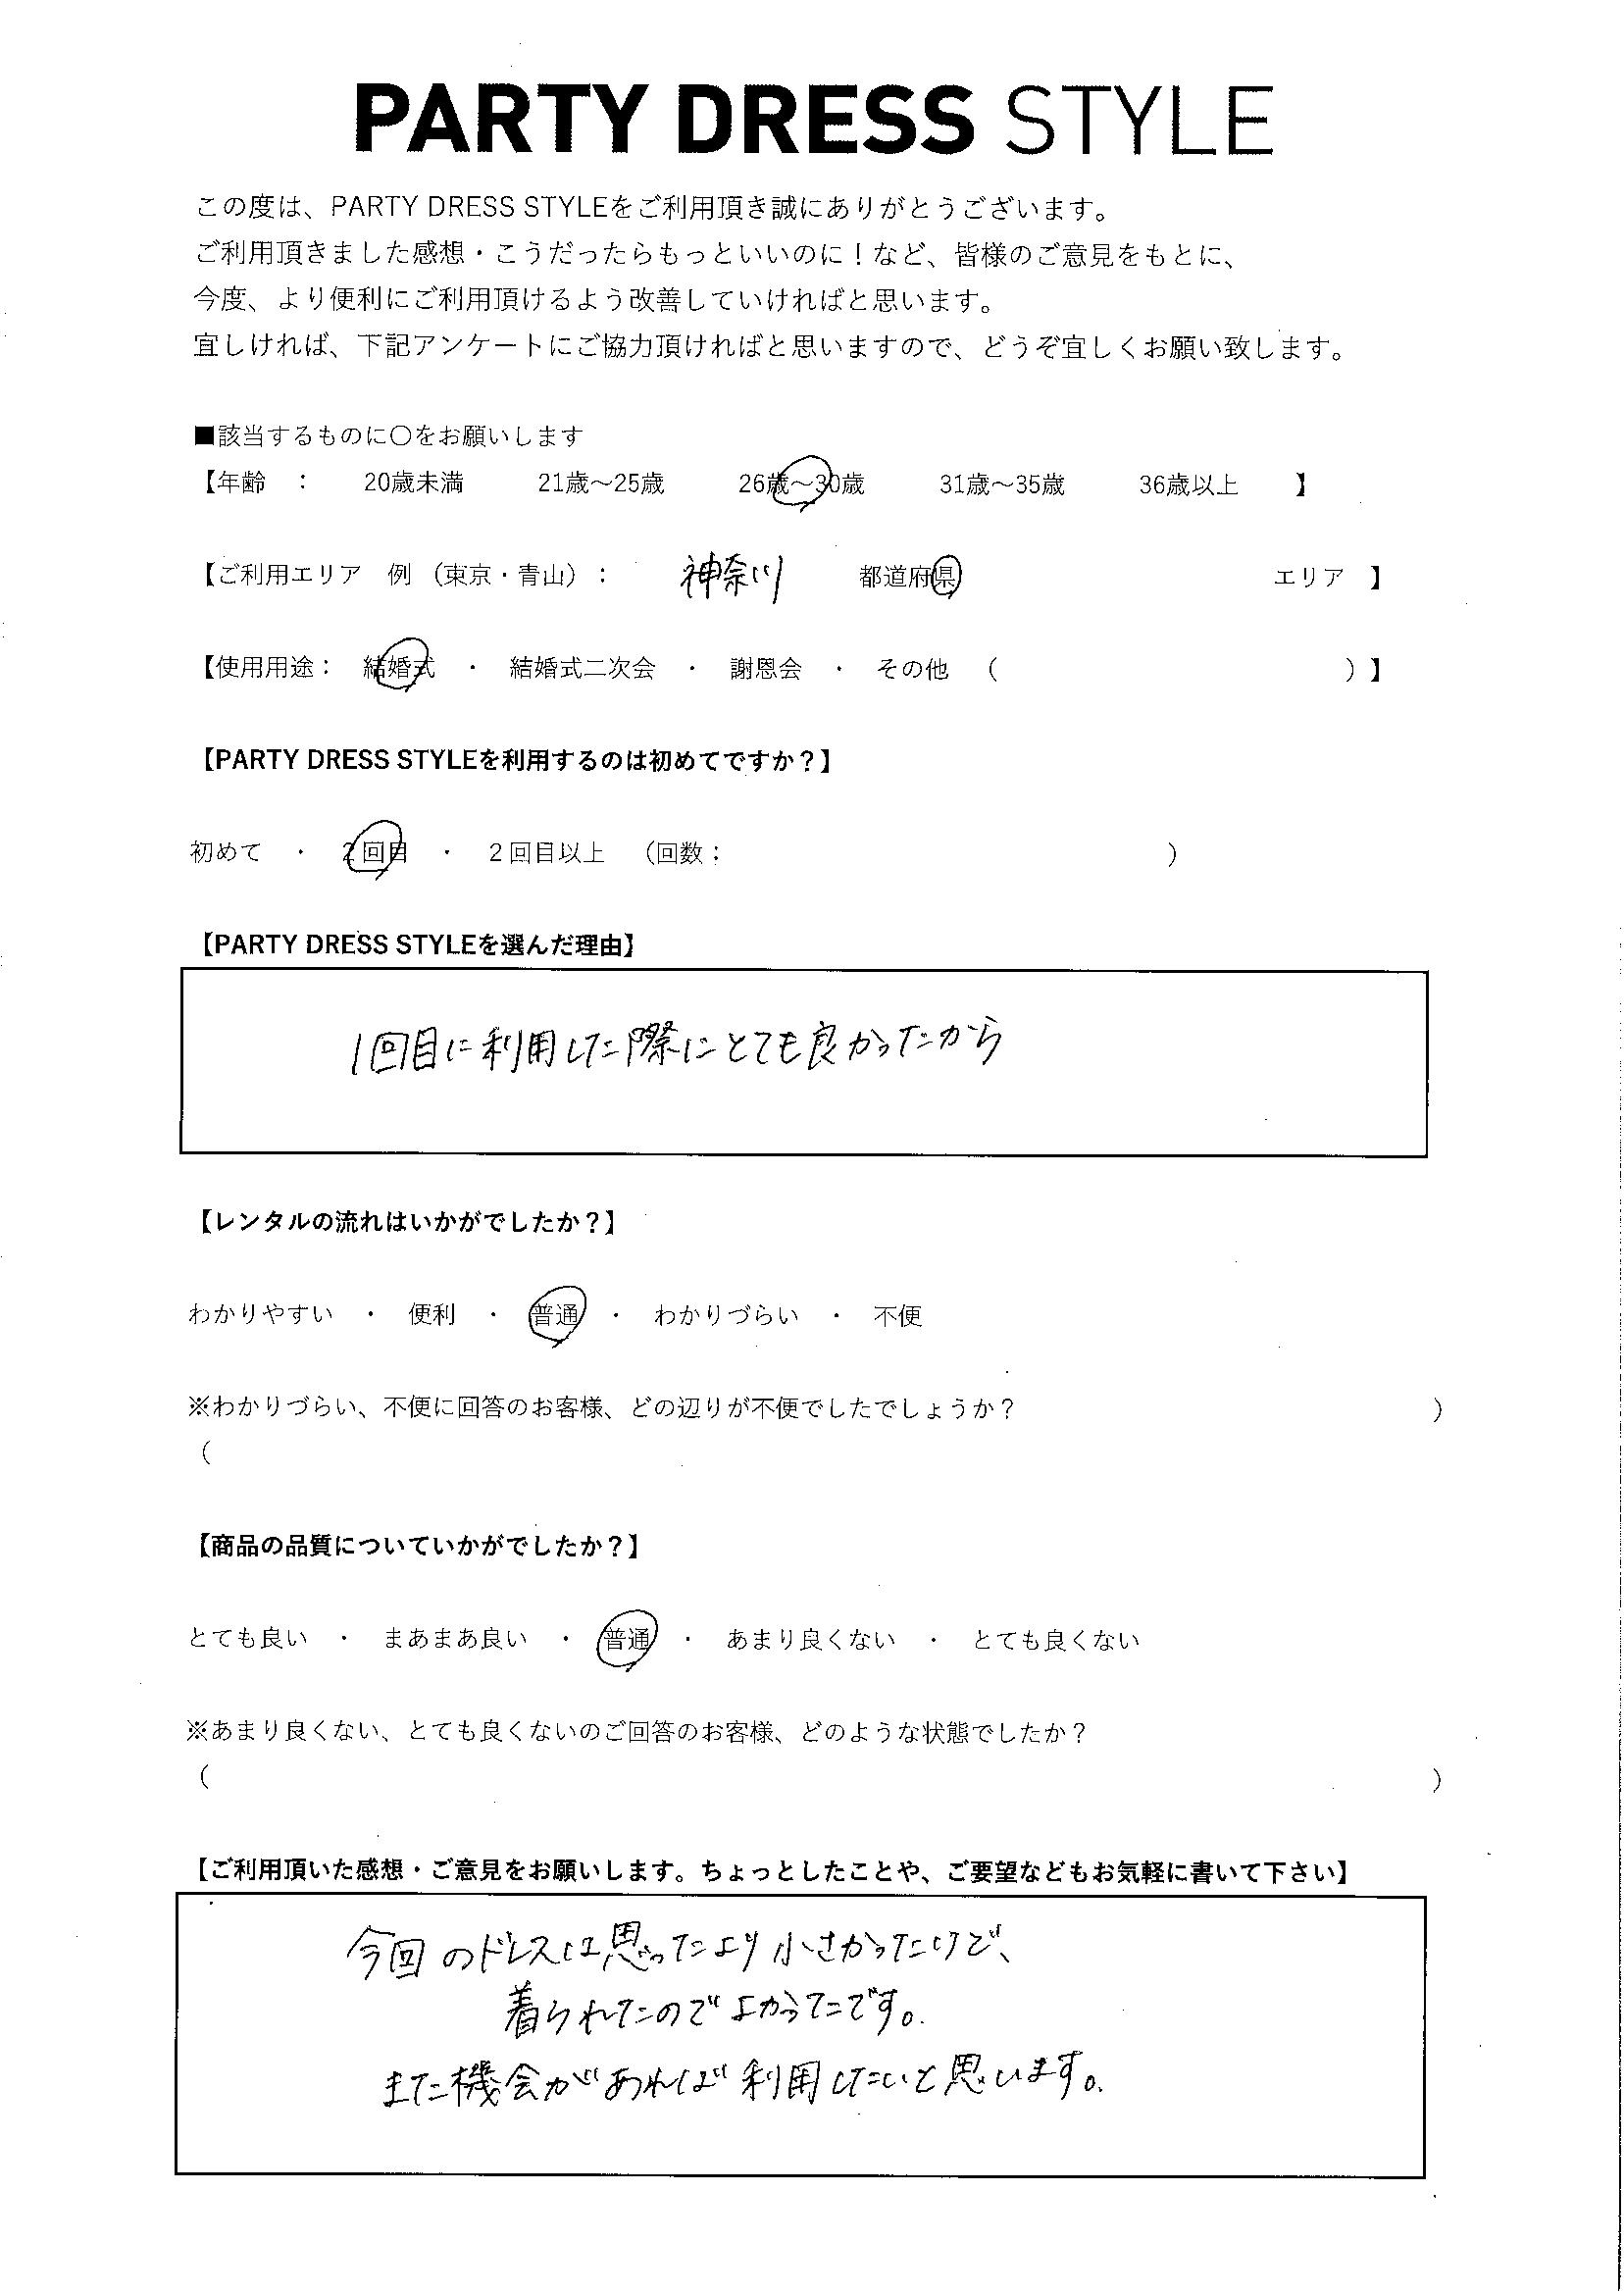 10/17結婚式ご利用 神奈川エリア